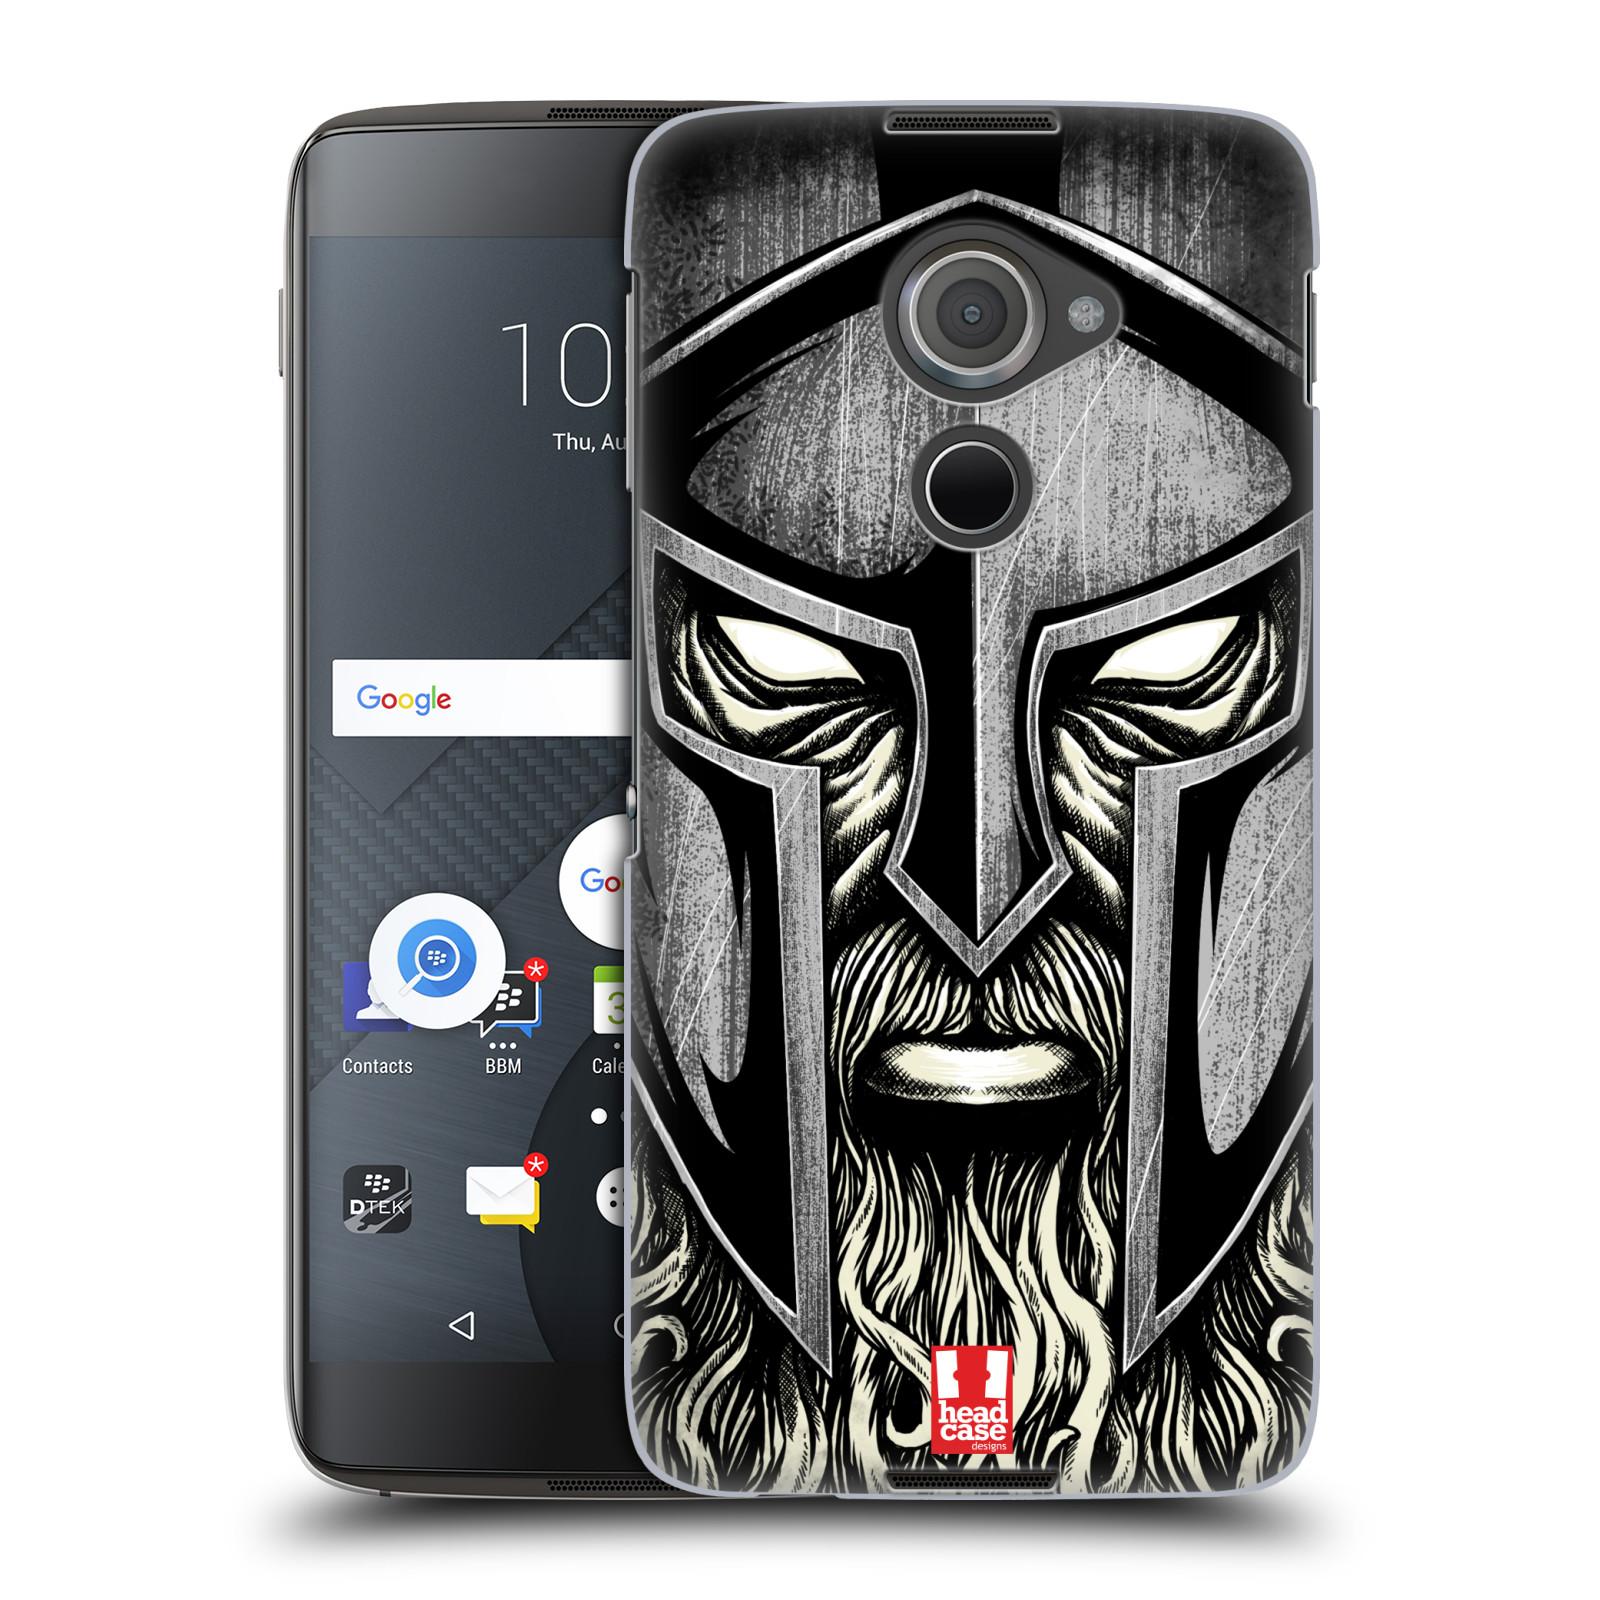 Plastové pouzdro na mobil Blackberry DTEK60 (Argon) - Head Case - Vousáč válečník (Plastový kryt či obal na mobilní telefon s motivem bojovníka pro Blackberry DTEK60 (Argon))